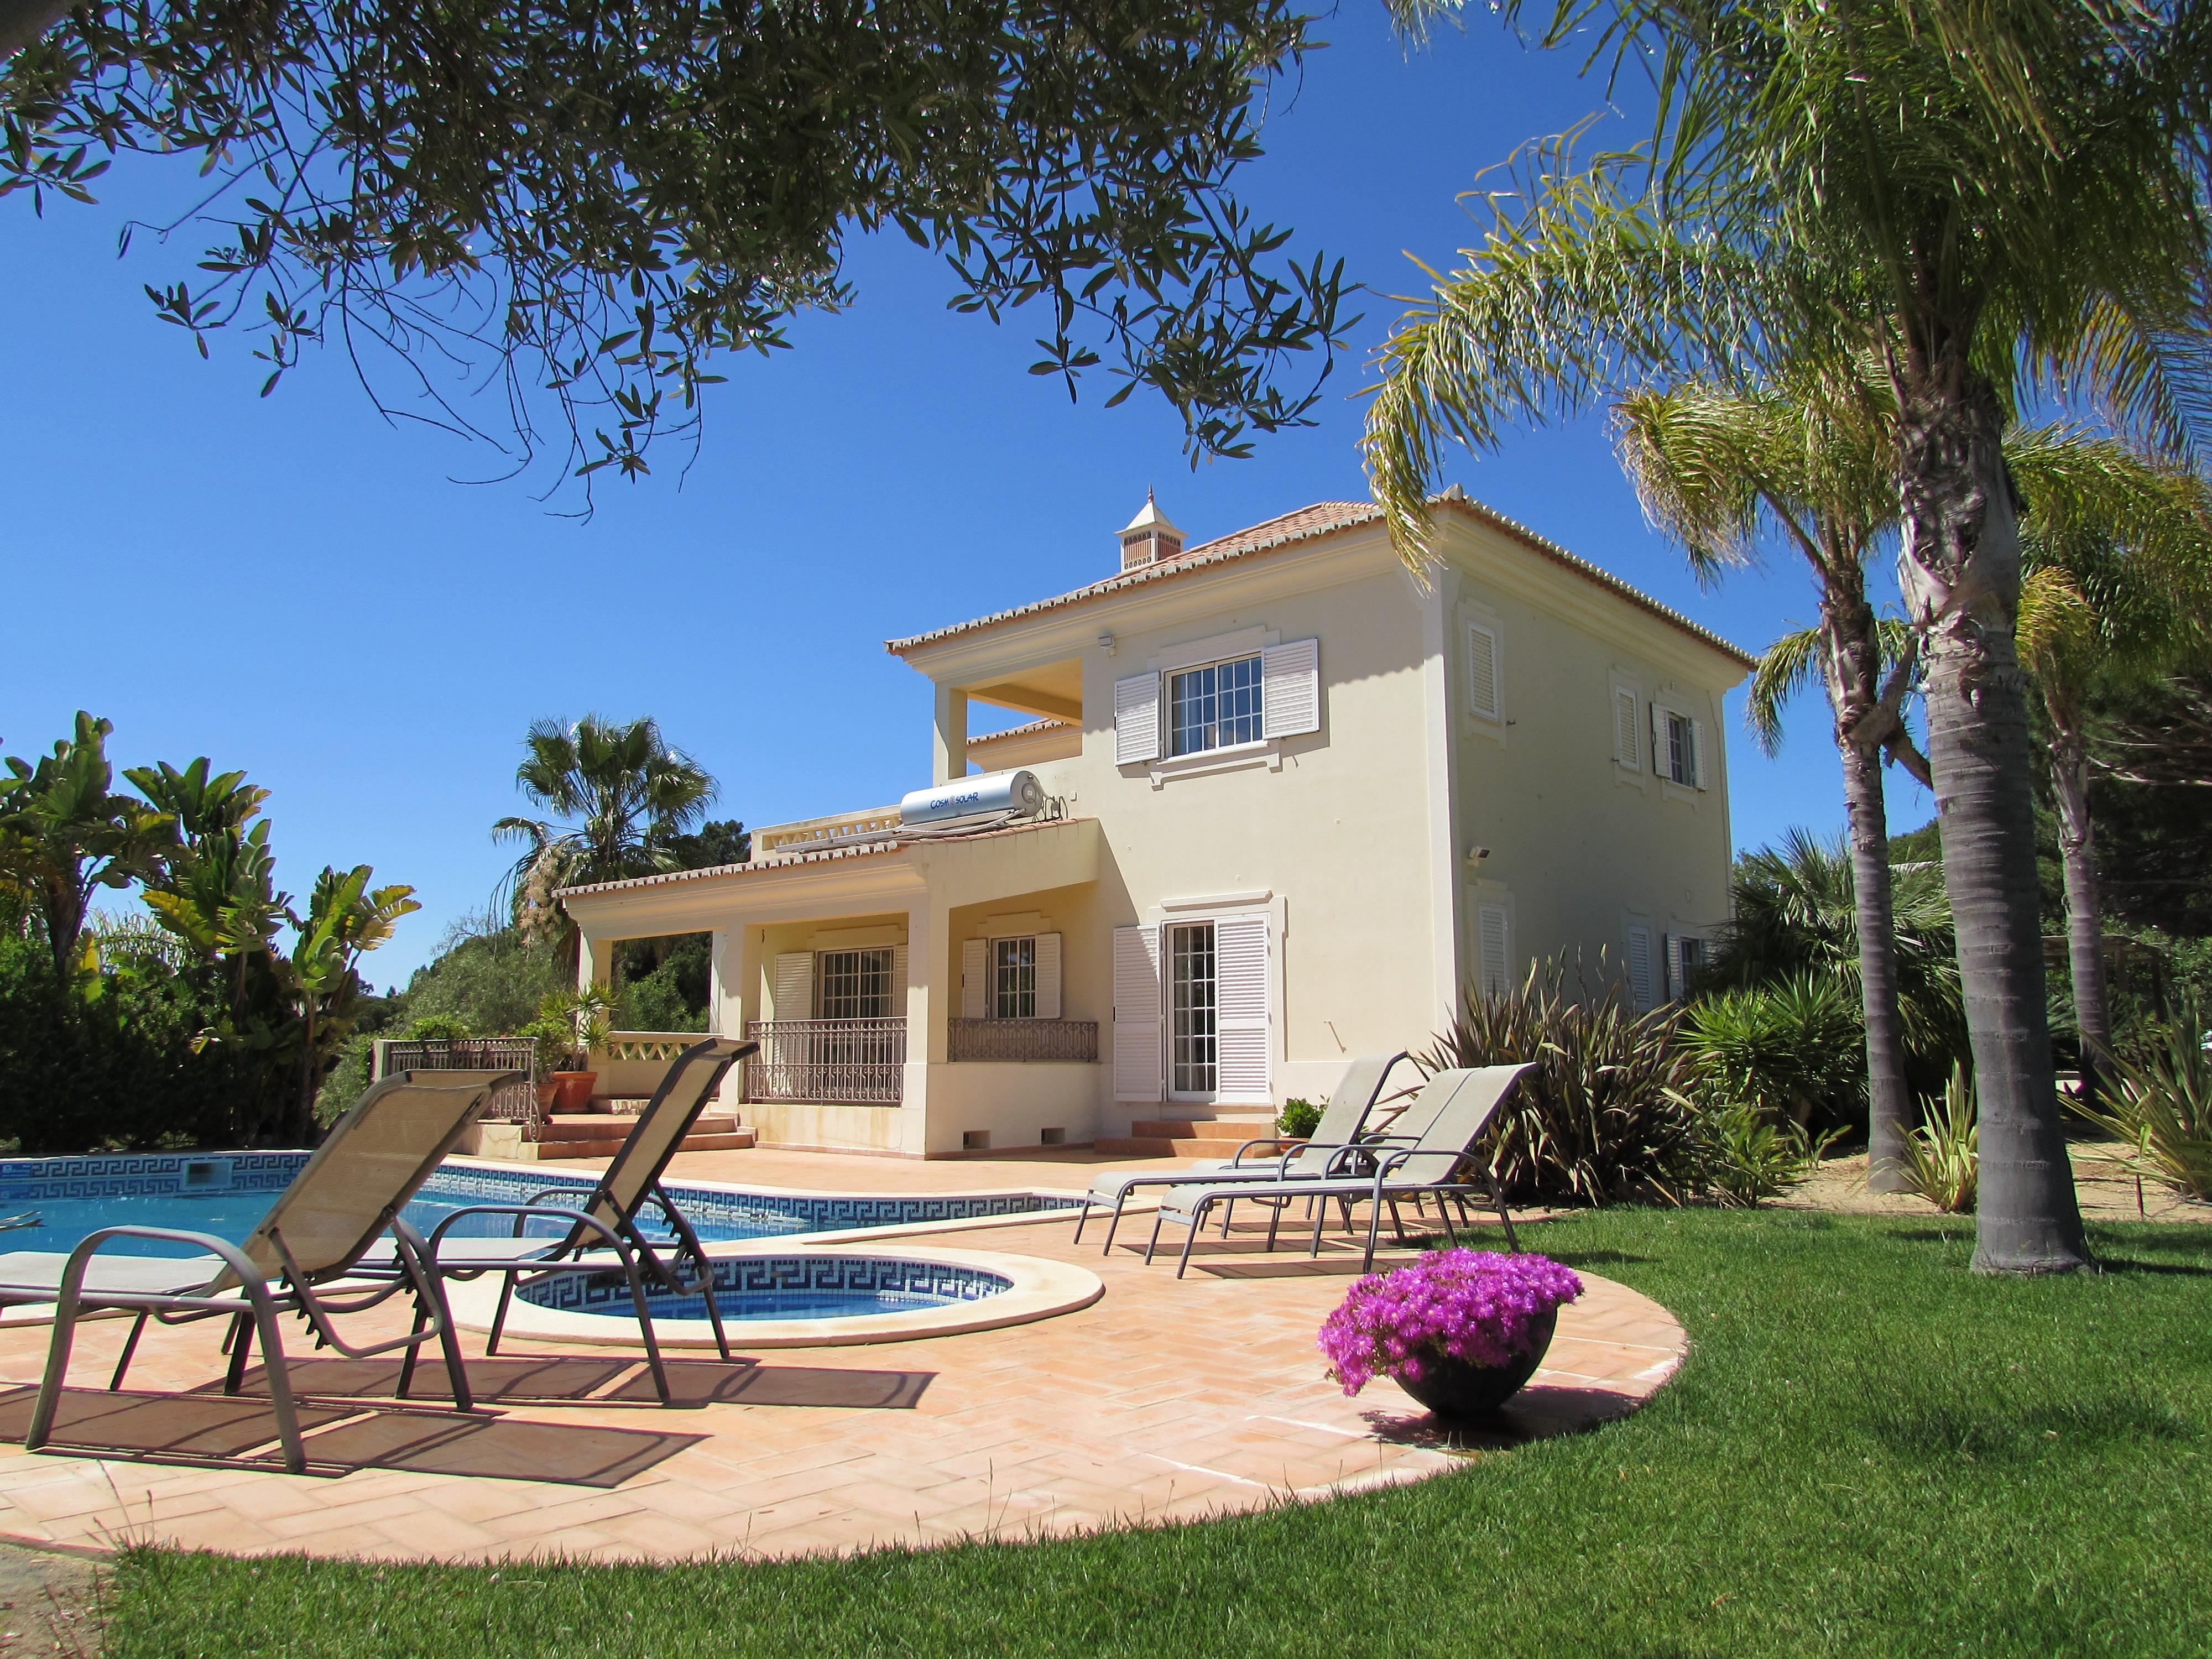 独户住宅 为 销售 在 Detached house, 4 bedrooms, for Sale Loule, 阿尔加维, 8135-011 葡萄牙